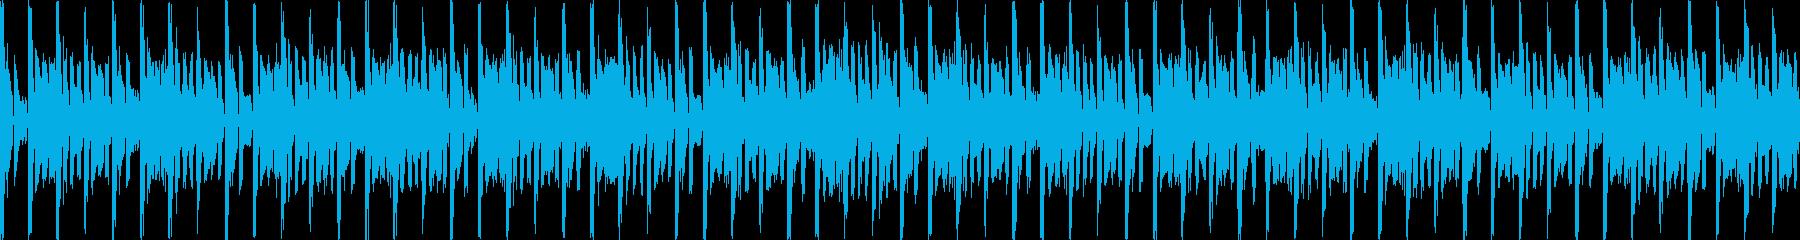 汎用BGM/デジタル(LOOP対応)の再生済みの波形